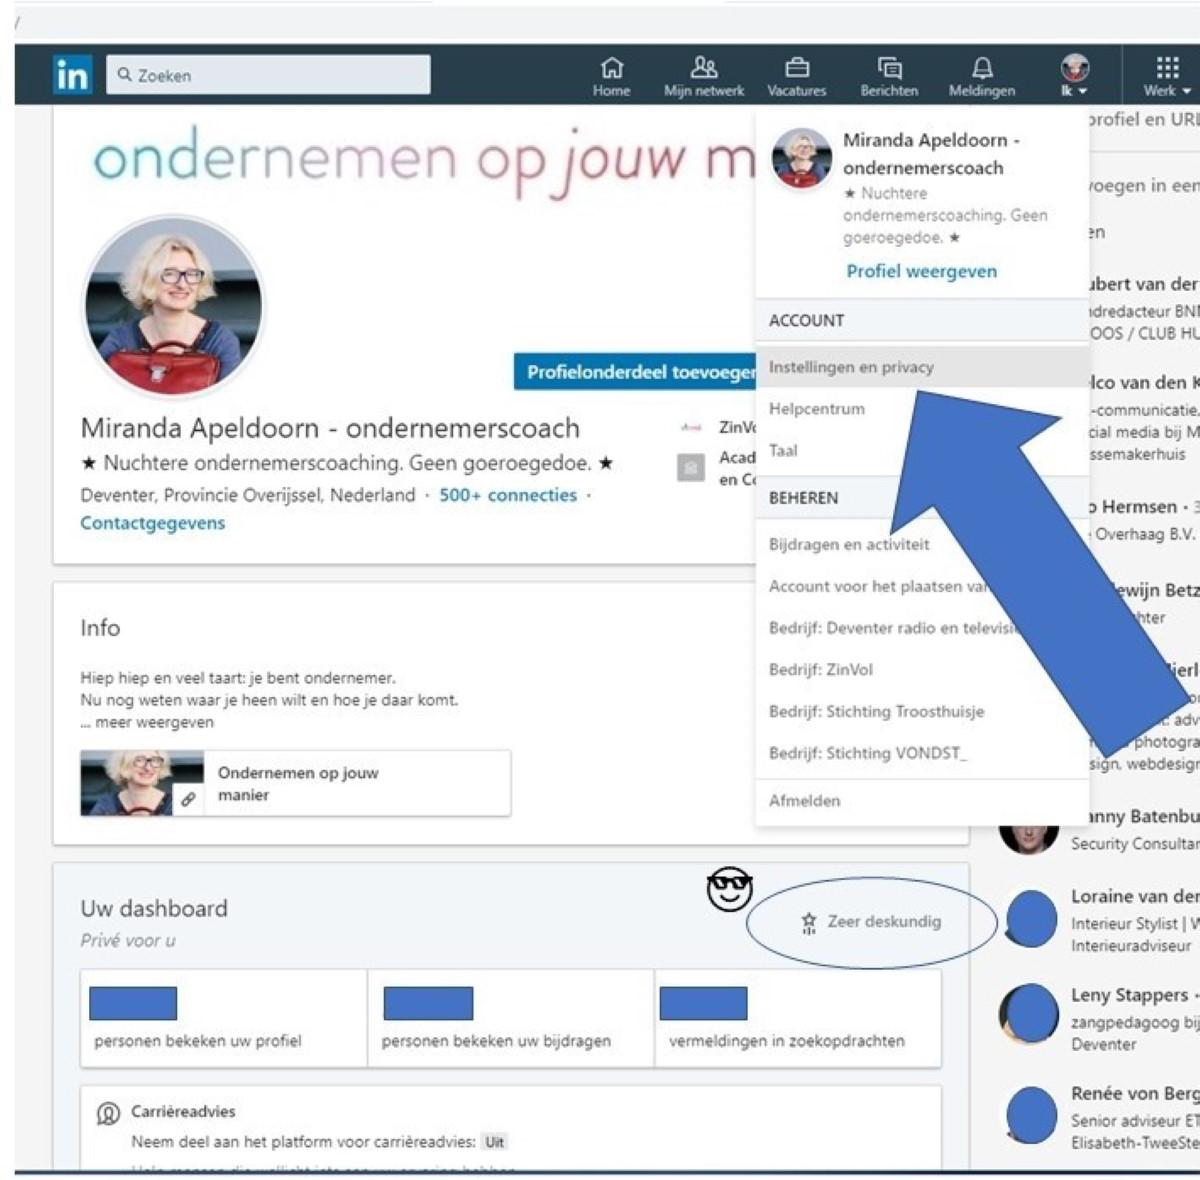 Blog: Zo kent LinkedIn geen geheimen meer voor je. Copyright: ZinVol (www.ditiszinvol.nl)